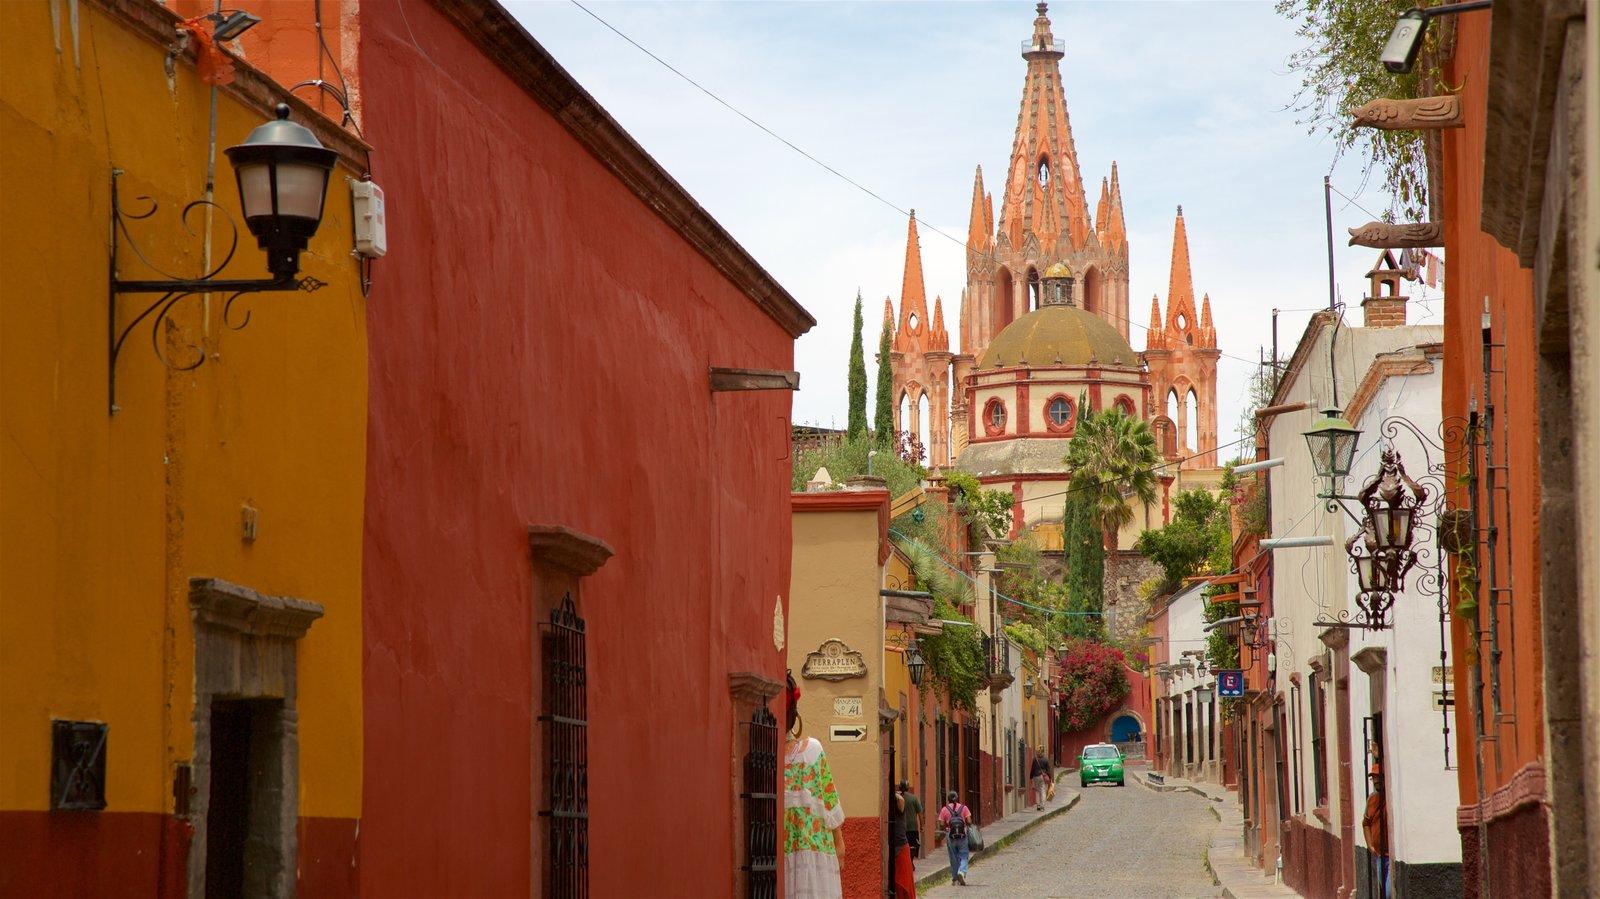 Igreja Paroquial de San Miguel Arcangel mostrando uma igreja ou catedral e arquitetura de patrimônio